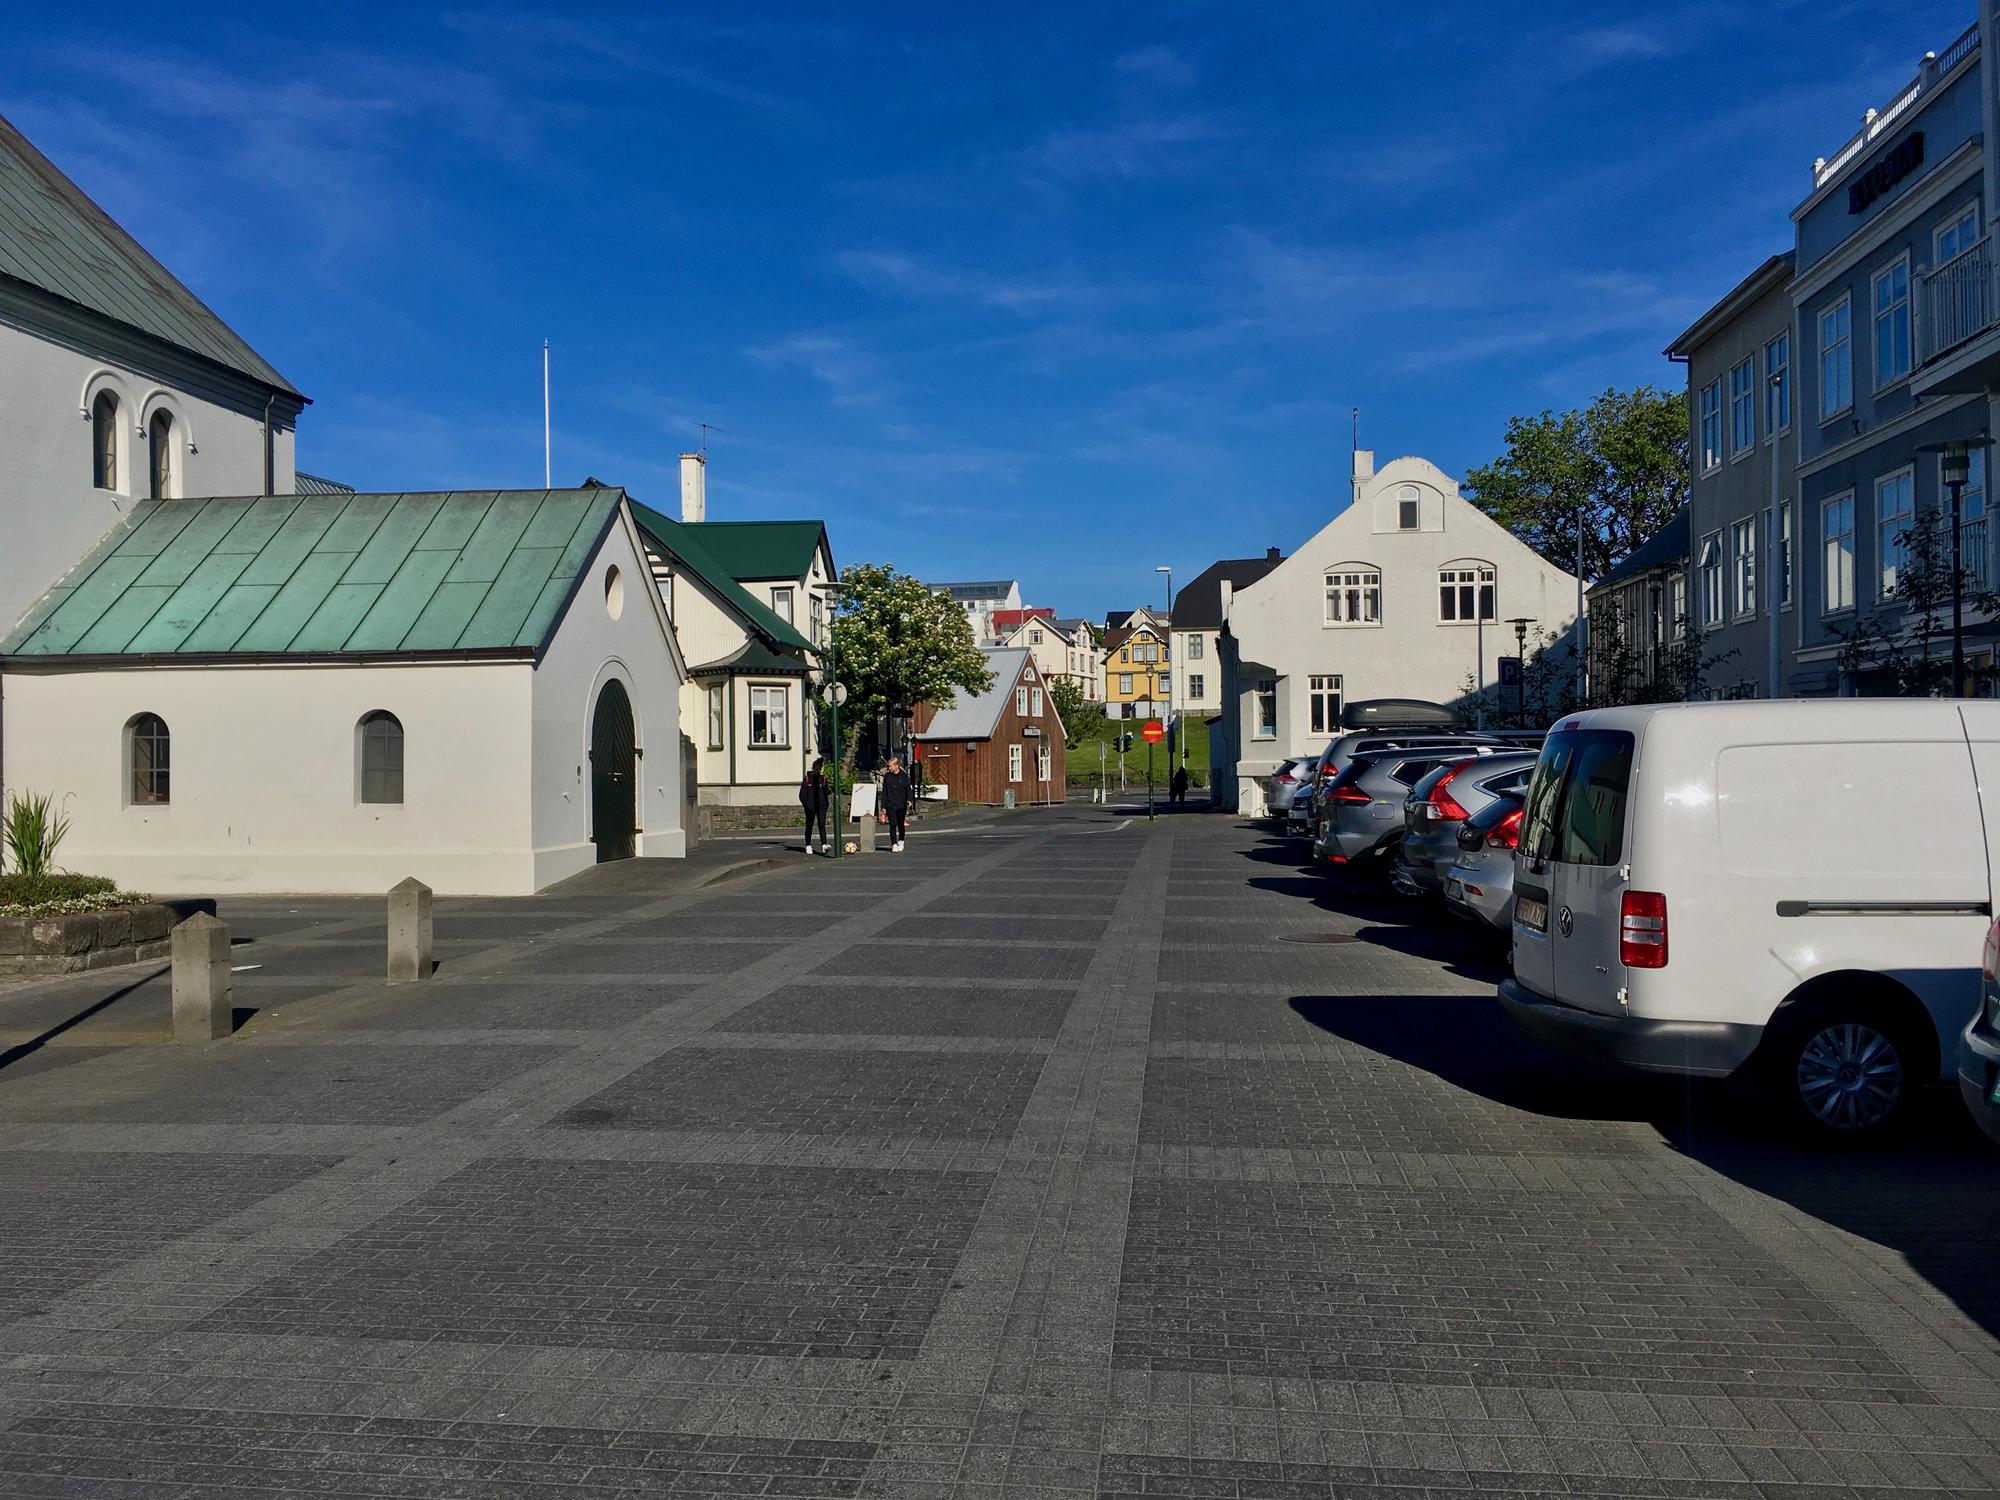 🇮🇸 Рейкьявик, Исландия, июнь 2019.